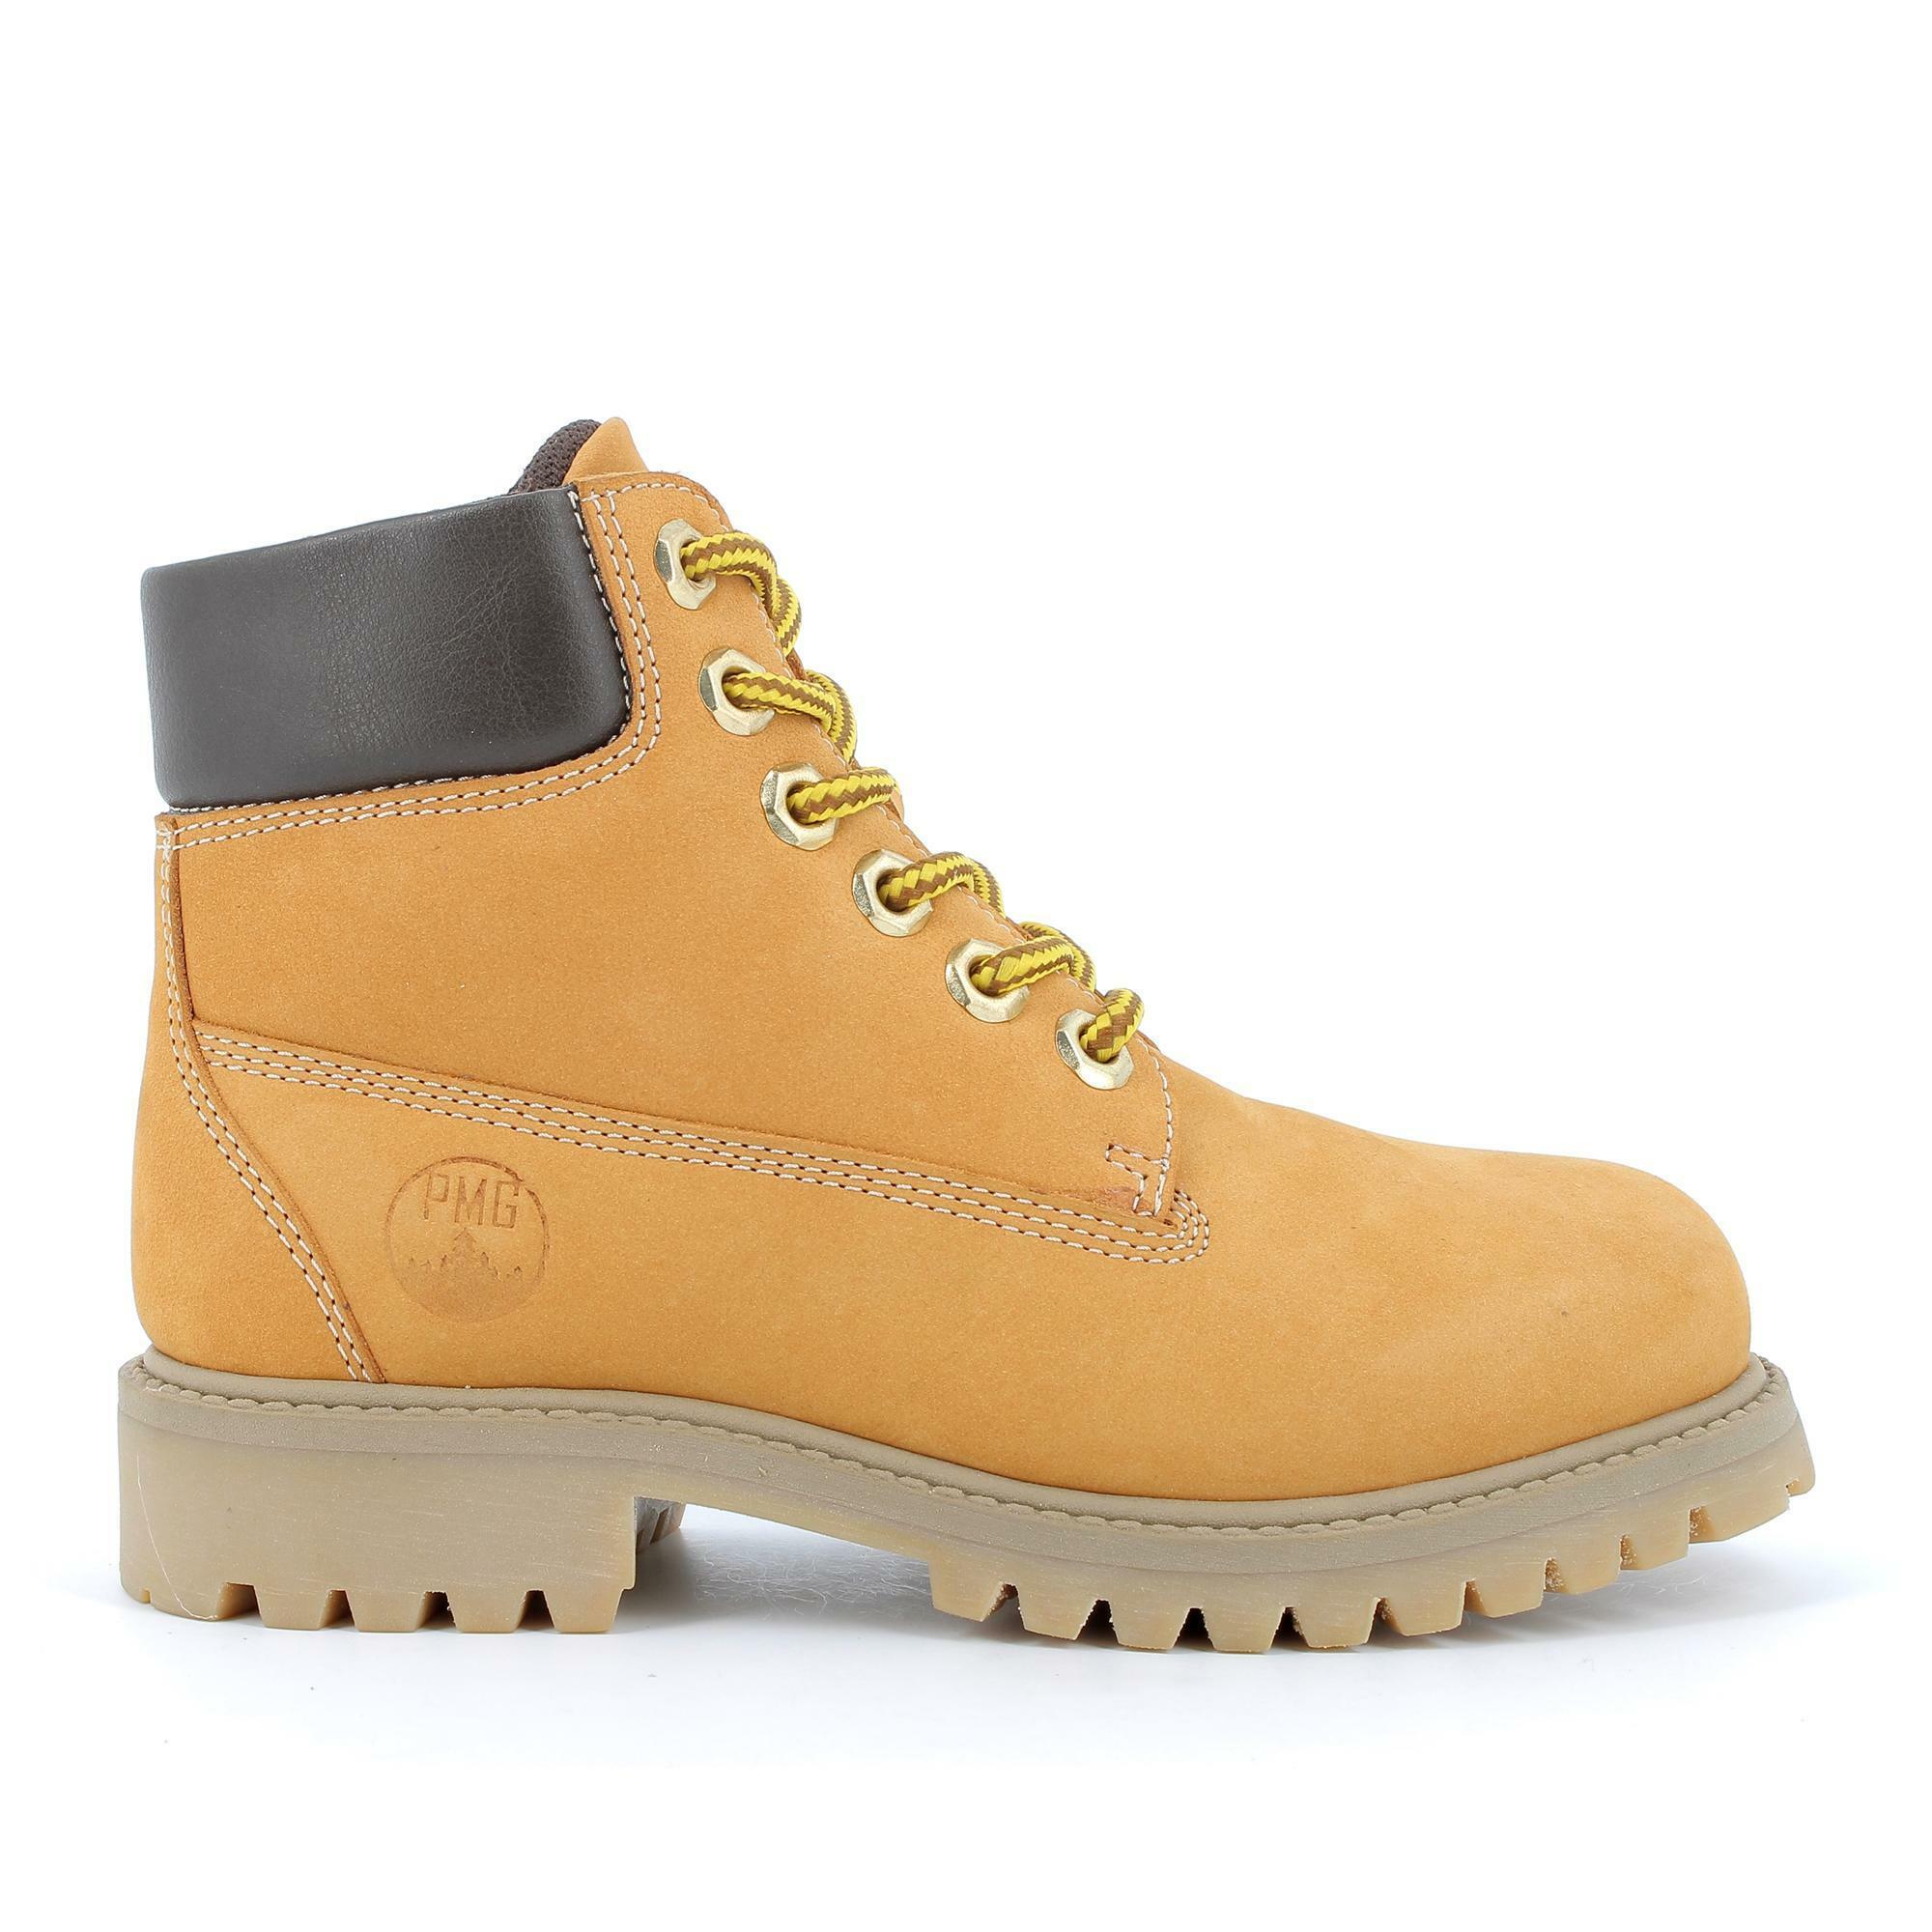 primigi scarponcino primigi 4428011 giallo